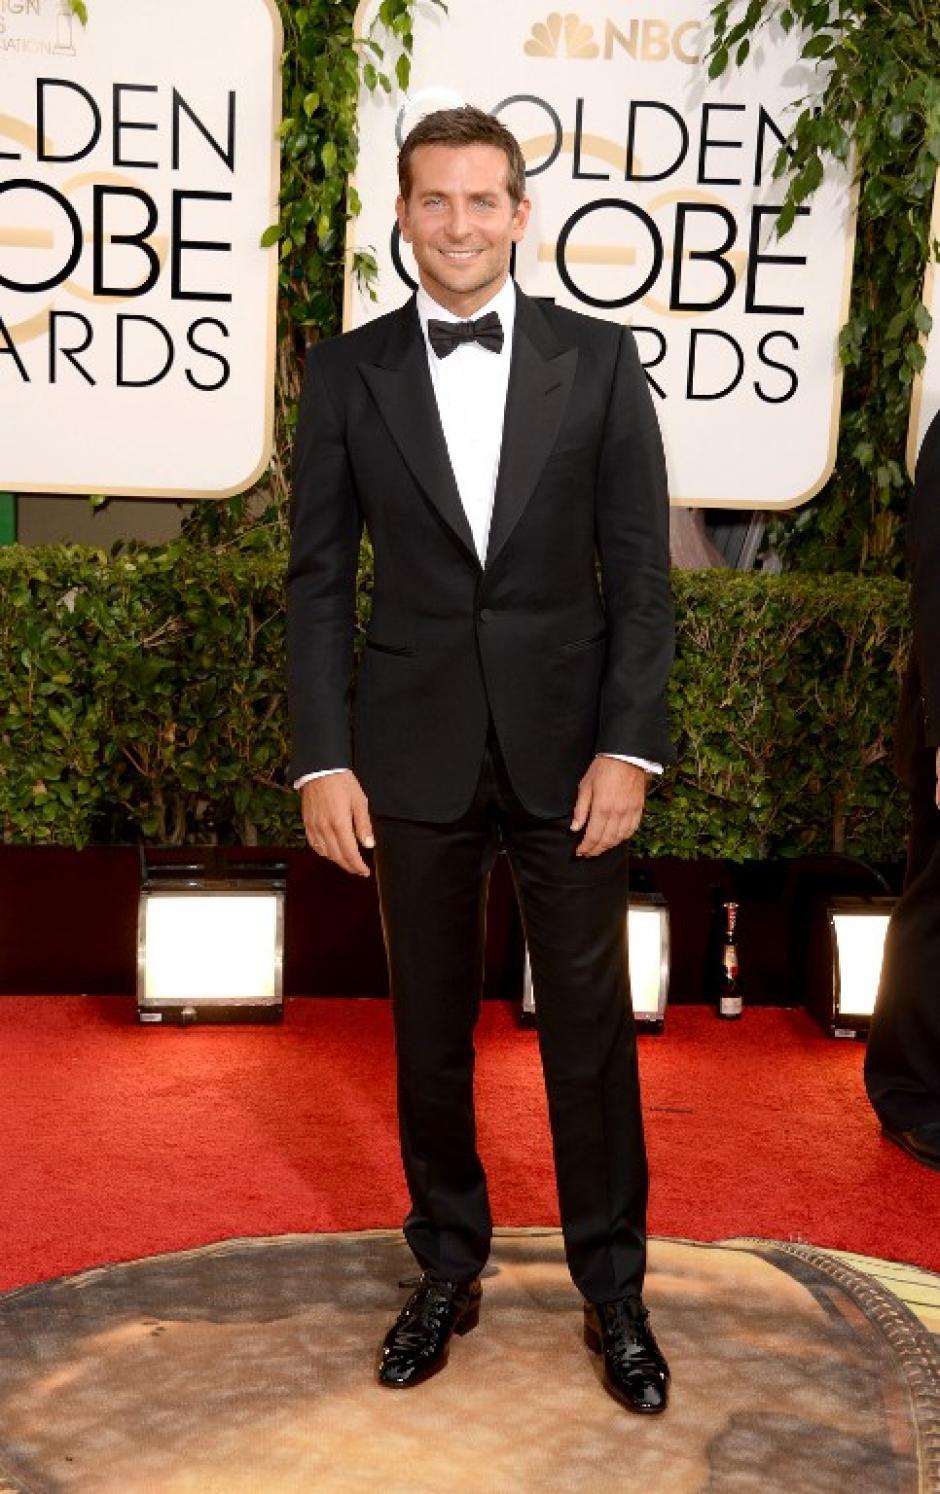 El actor Bradley Cooper. (Foto: AFP)